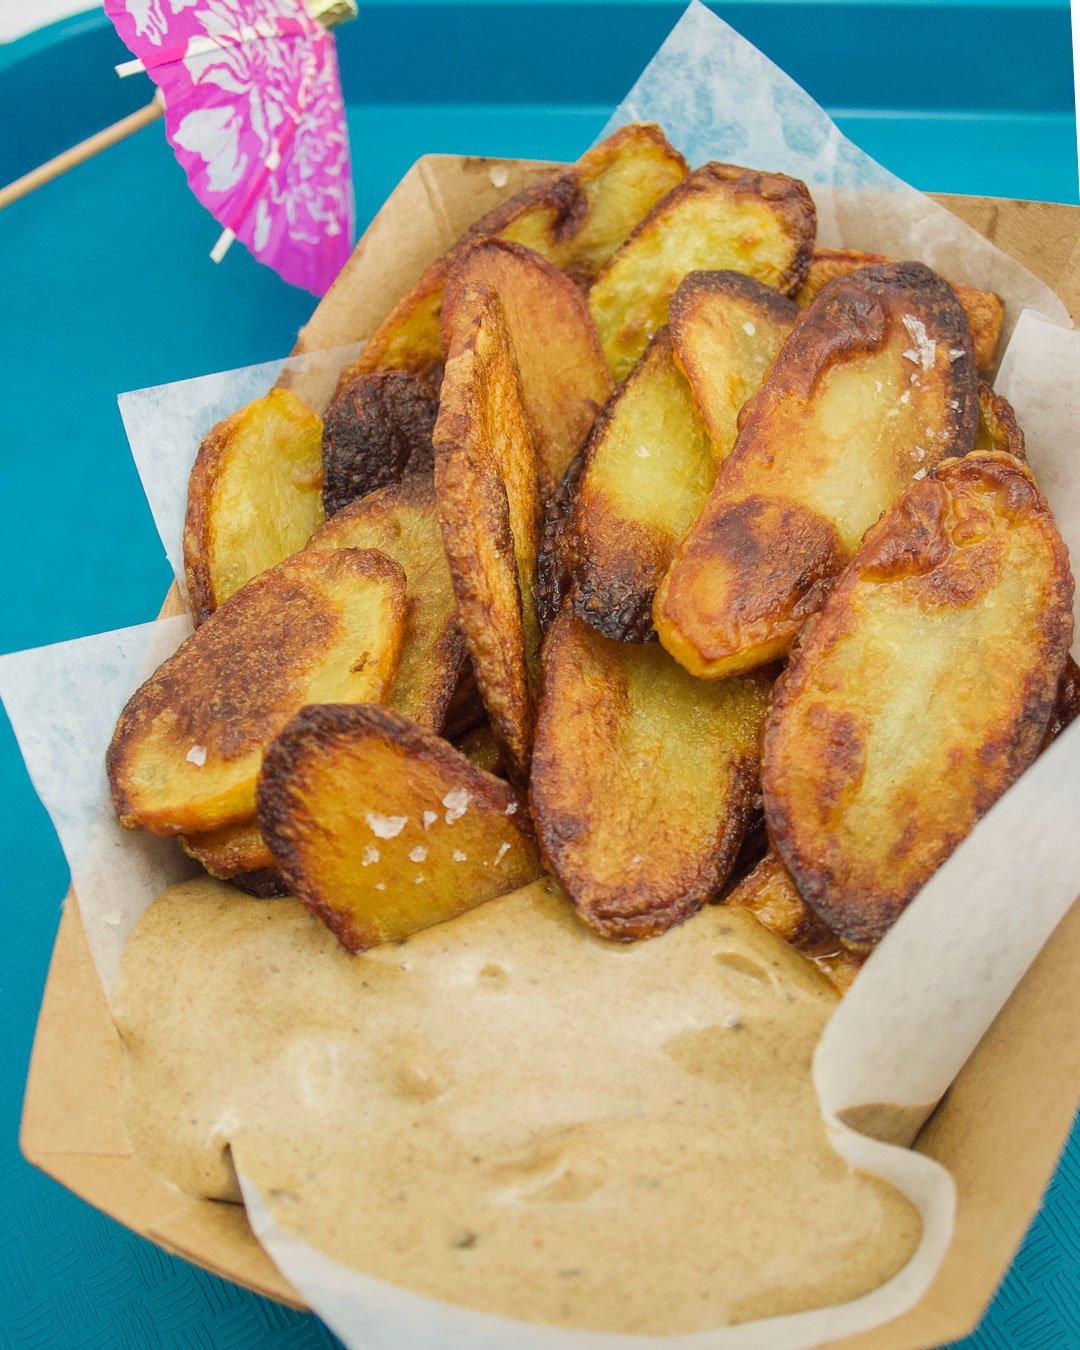 Patates croustillantes et mayo à l'ail noir